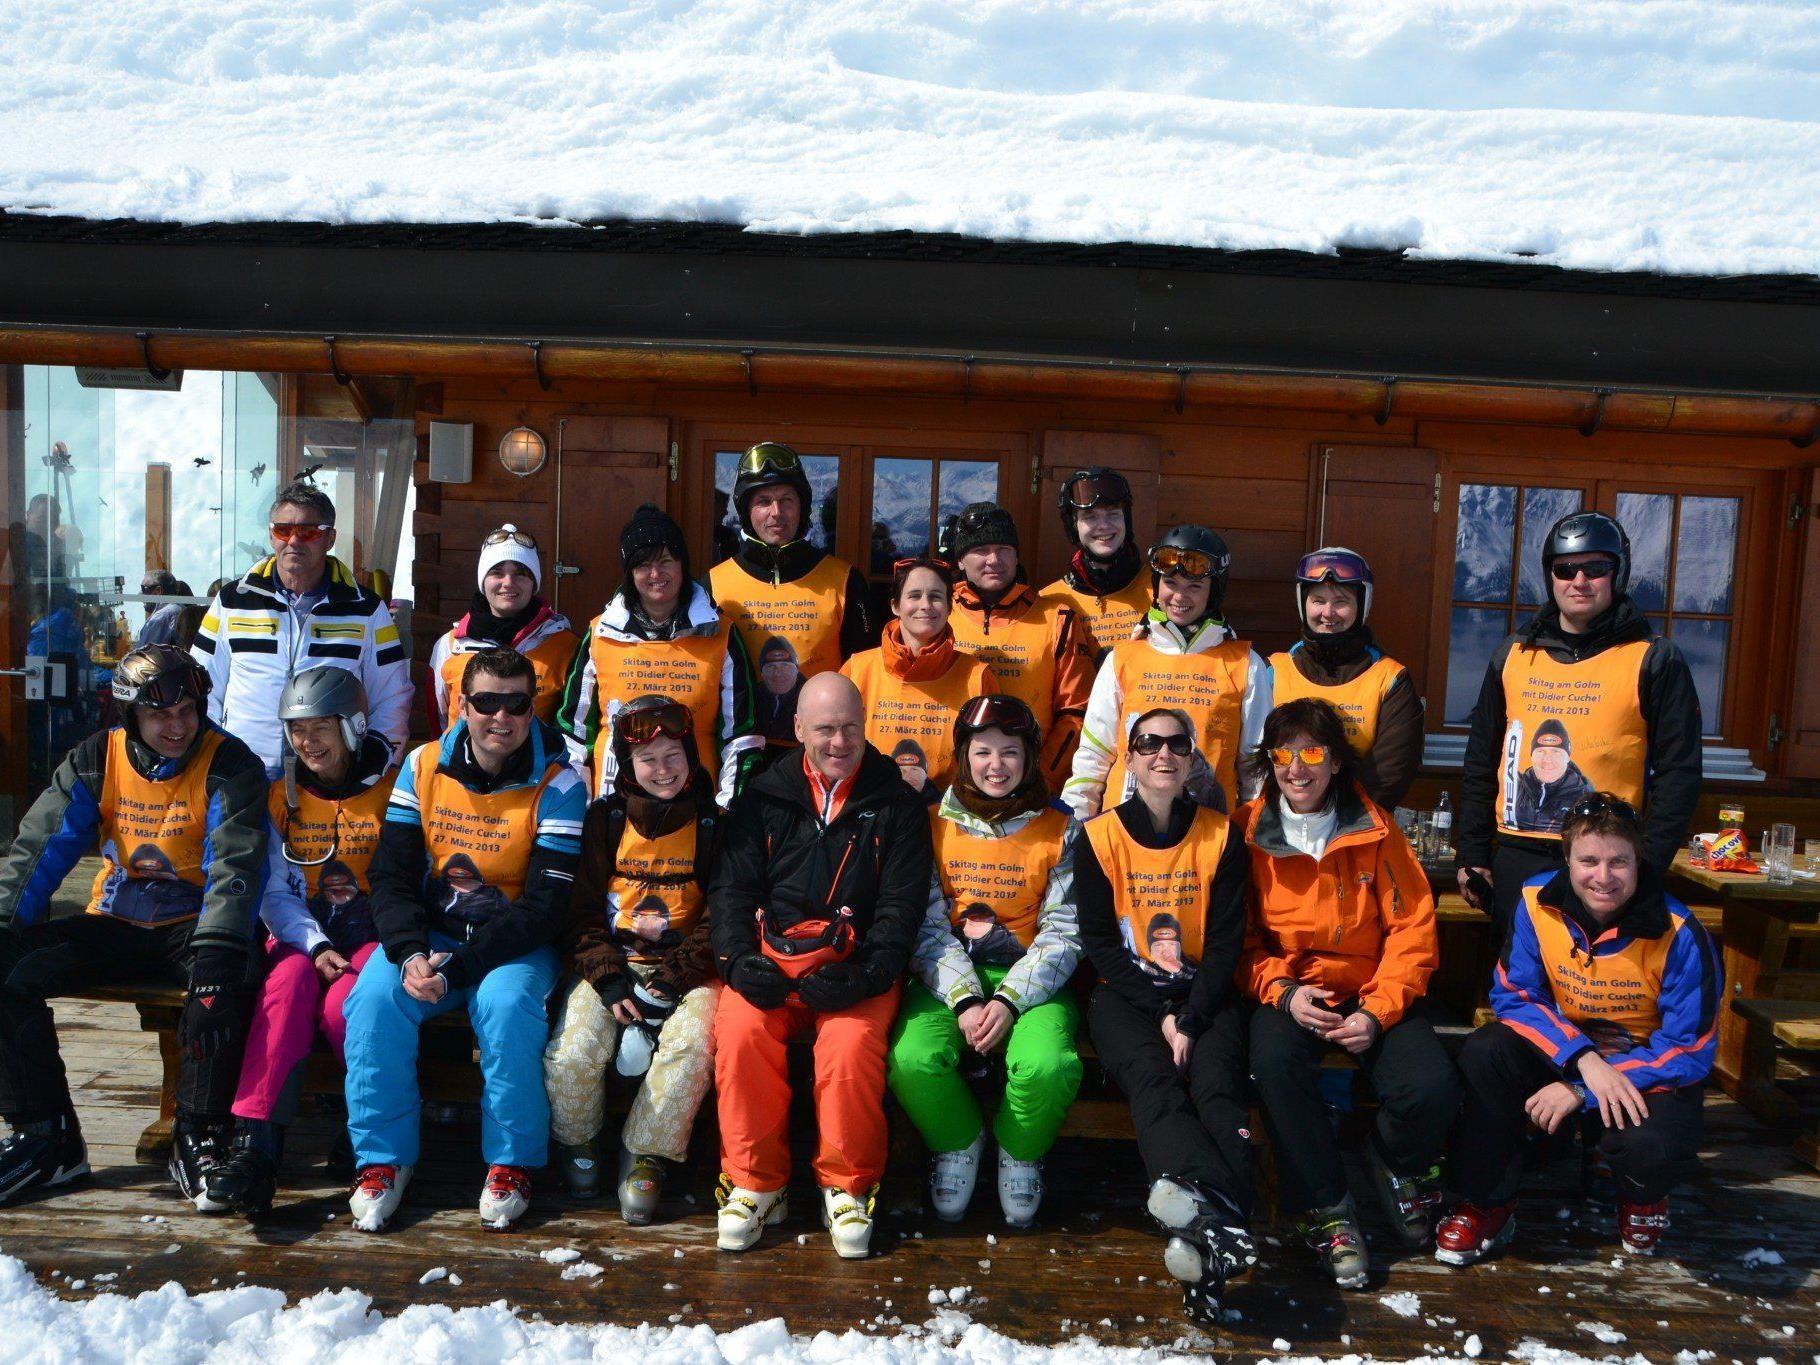 Die Gewinner mit Vertretern von Vorarlberg Milch, Ovomaltine, Sport Wilhelmer und Illwerke Tourismus.